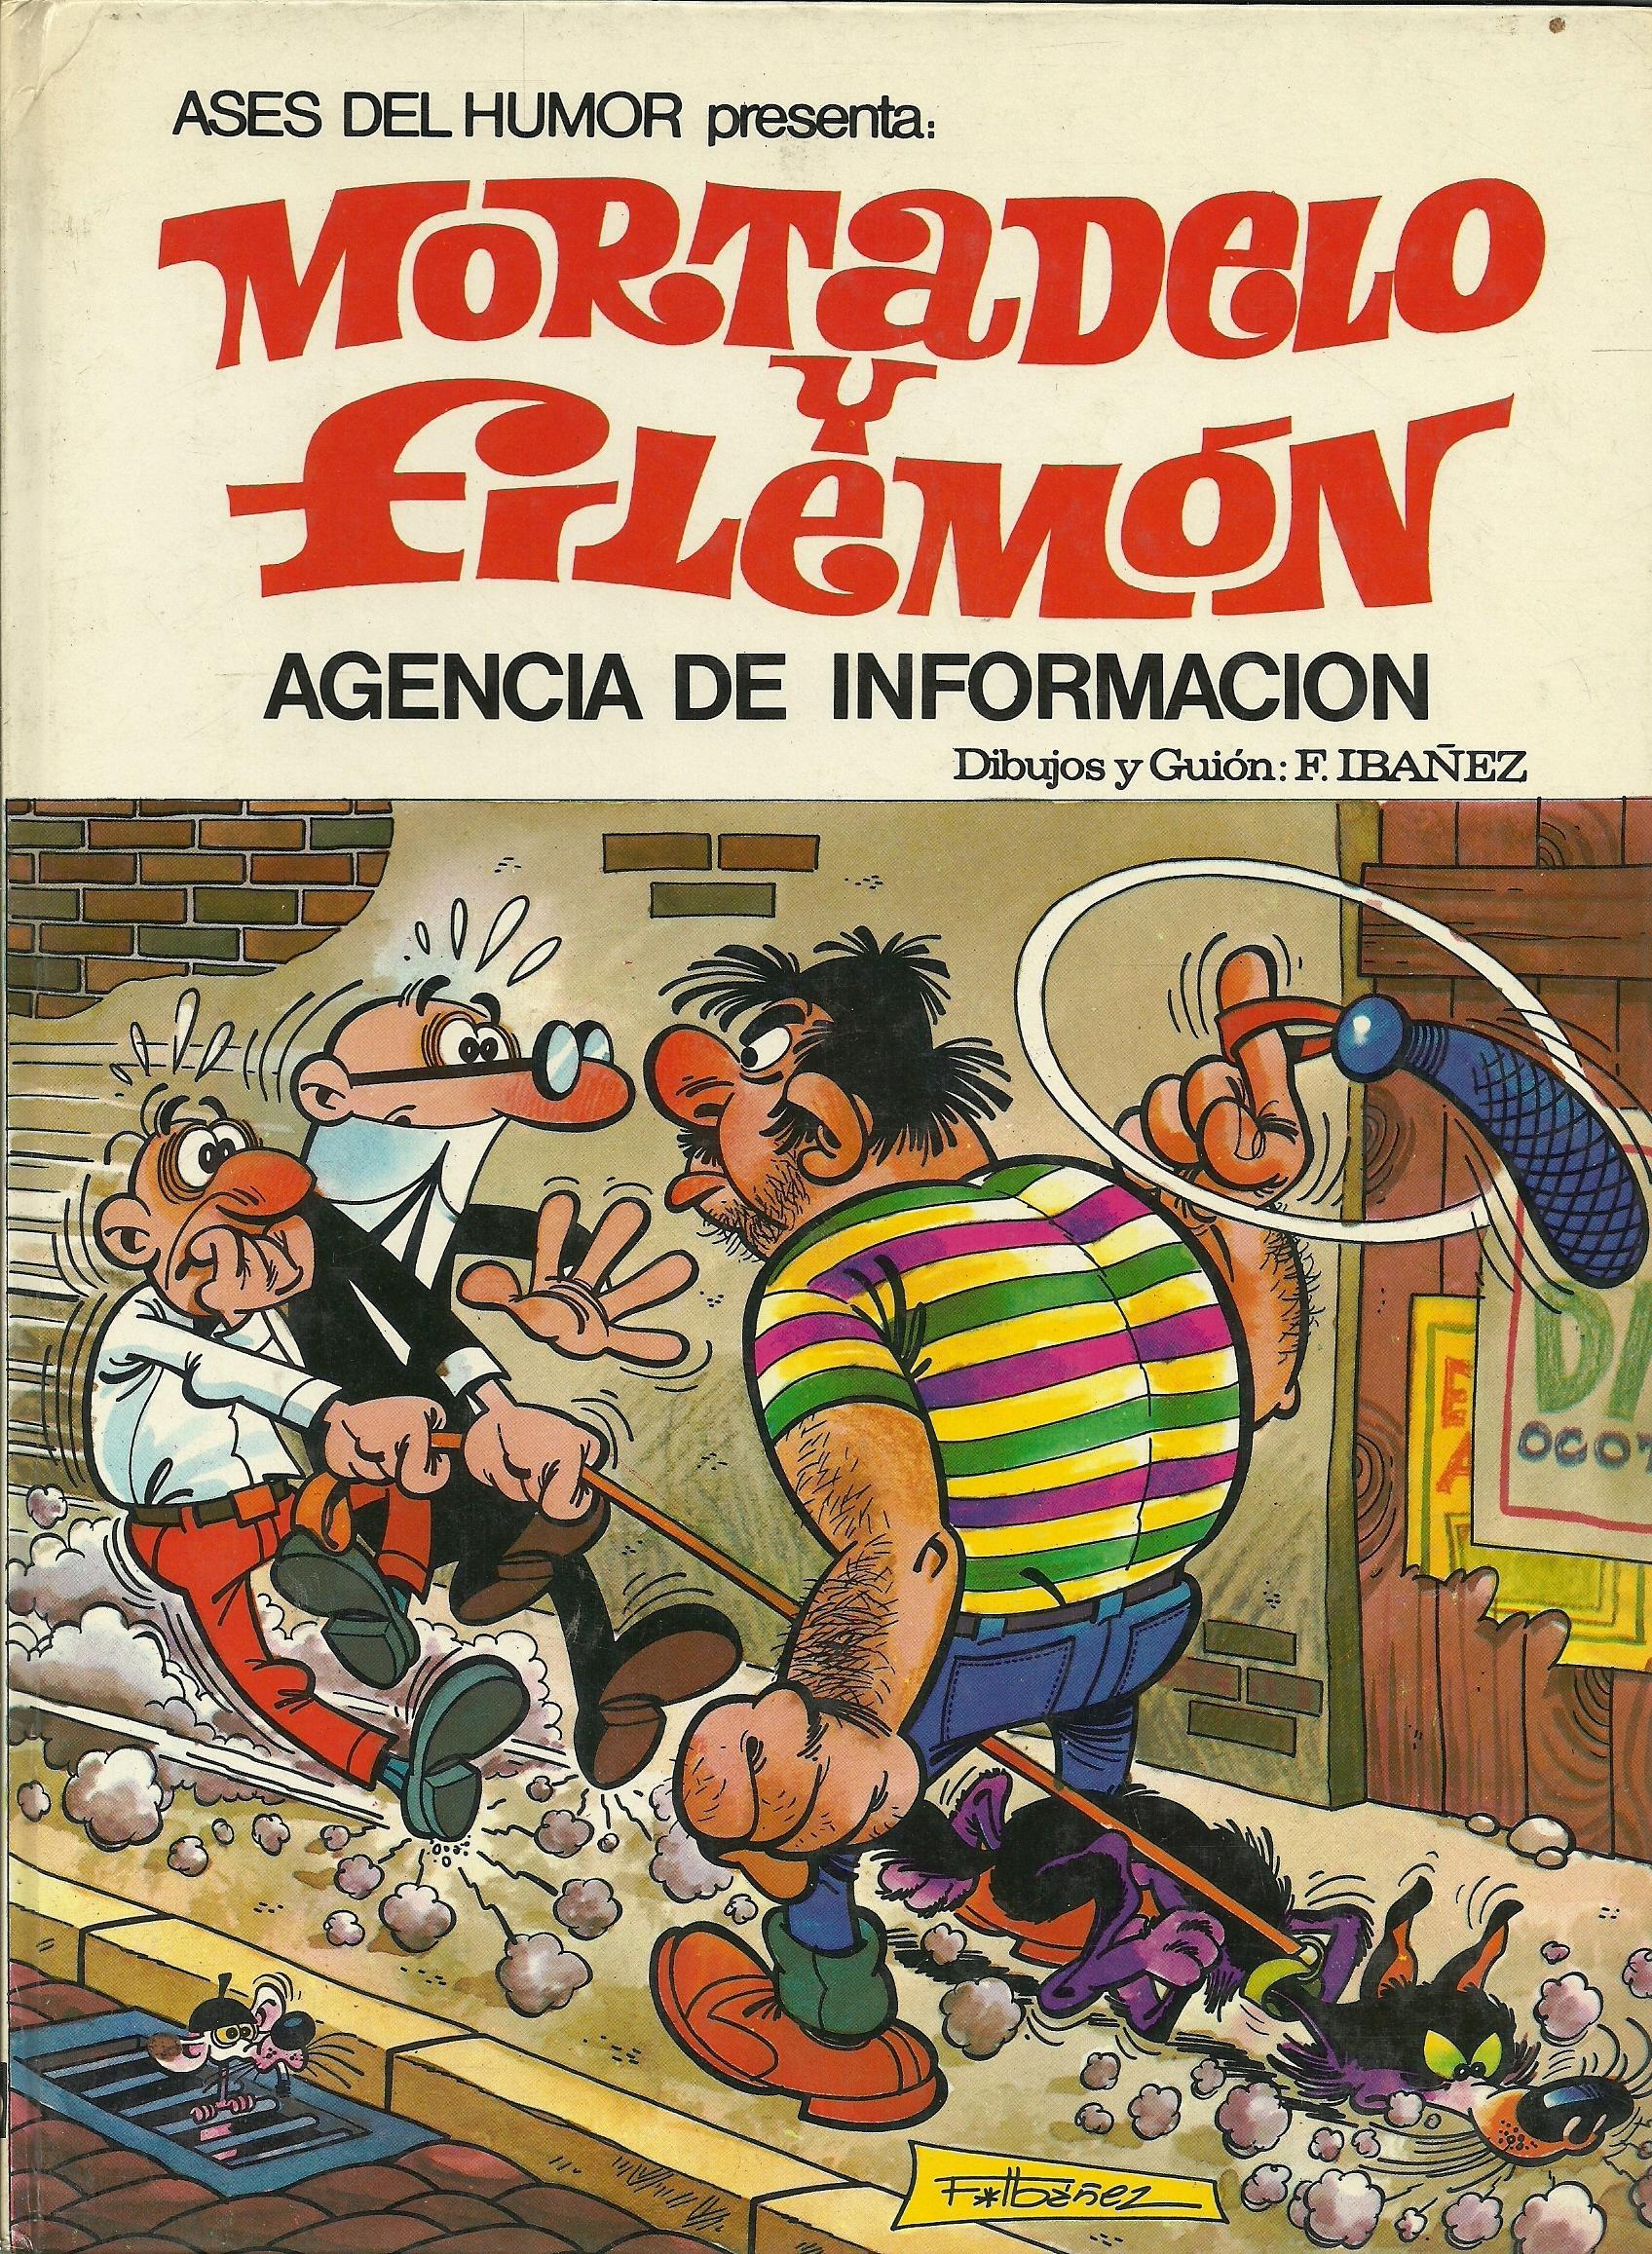 Agencia de información